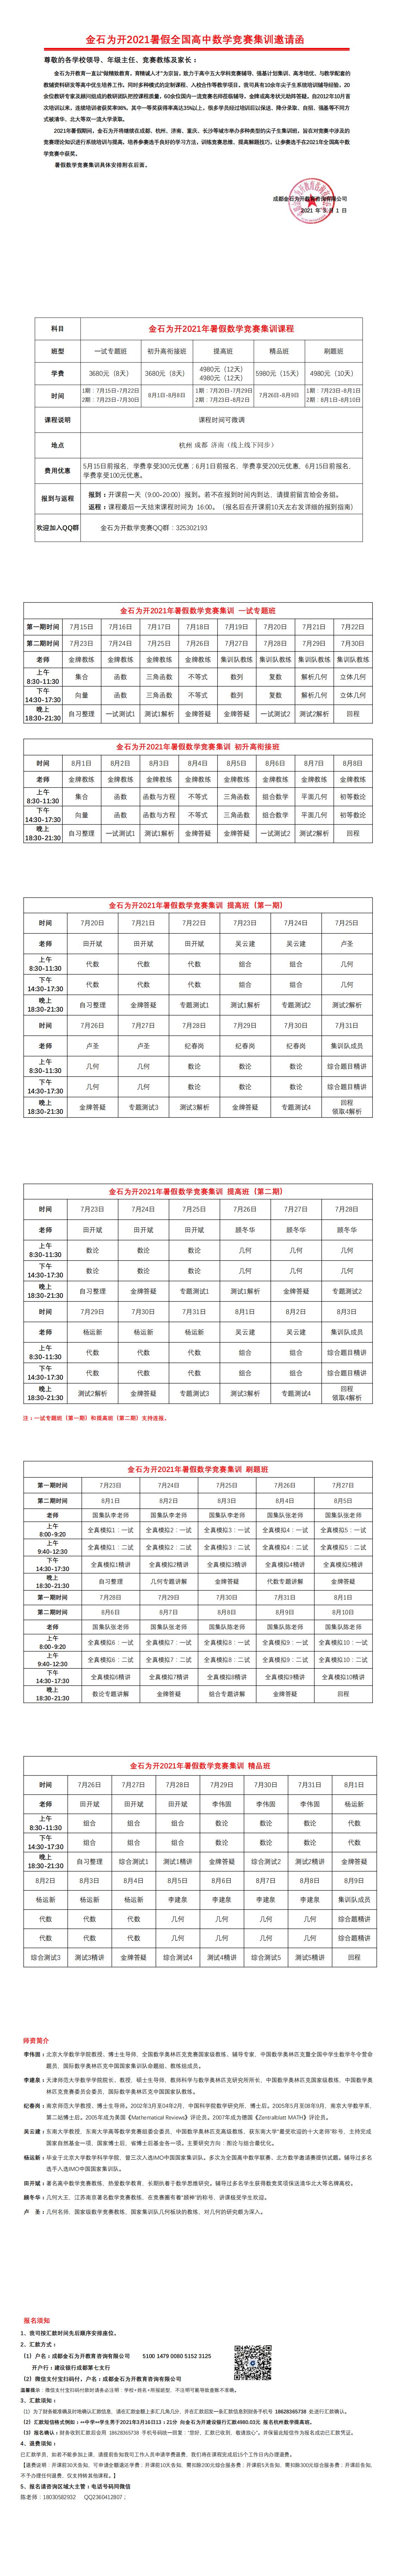 2021暑假数学集训邀请函_0.png